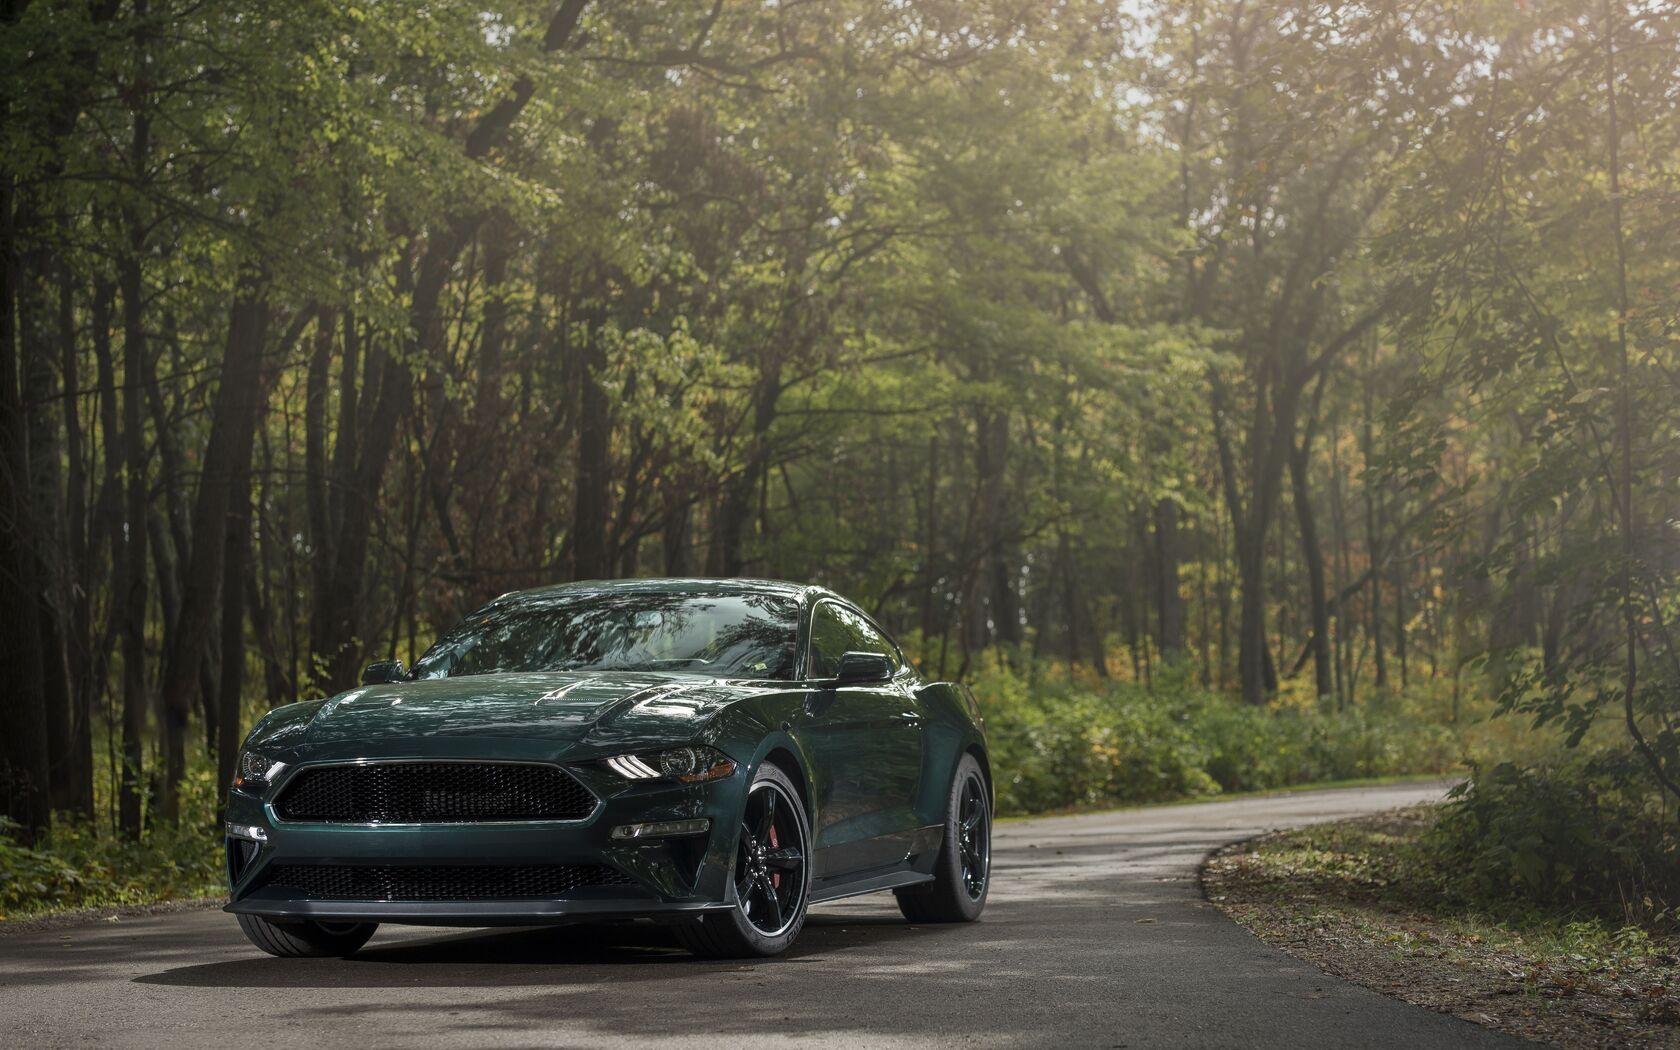 2019-ford-mustang-bullitt-front-ia.jpg